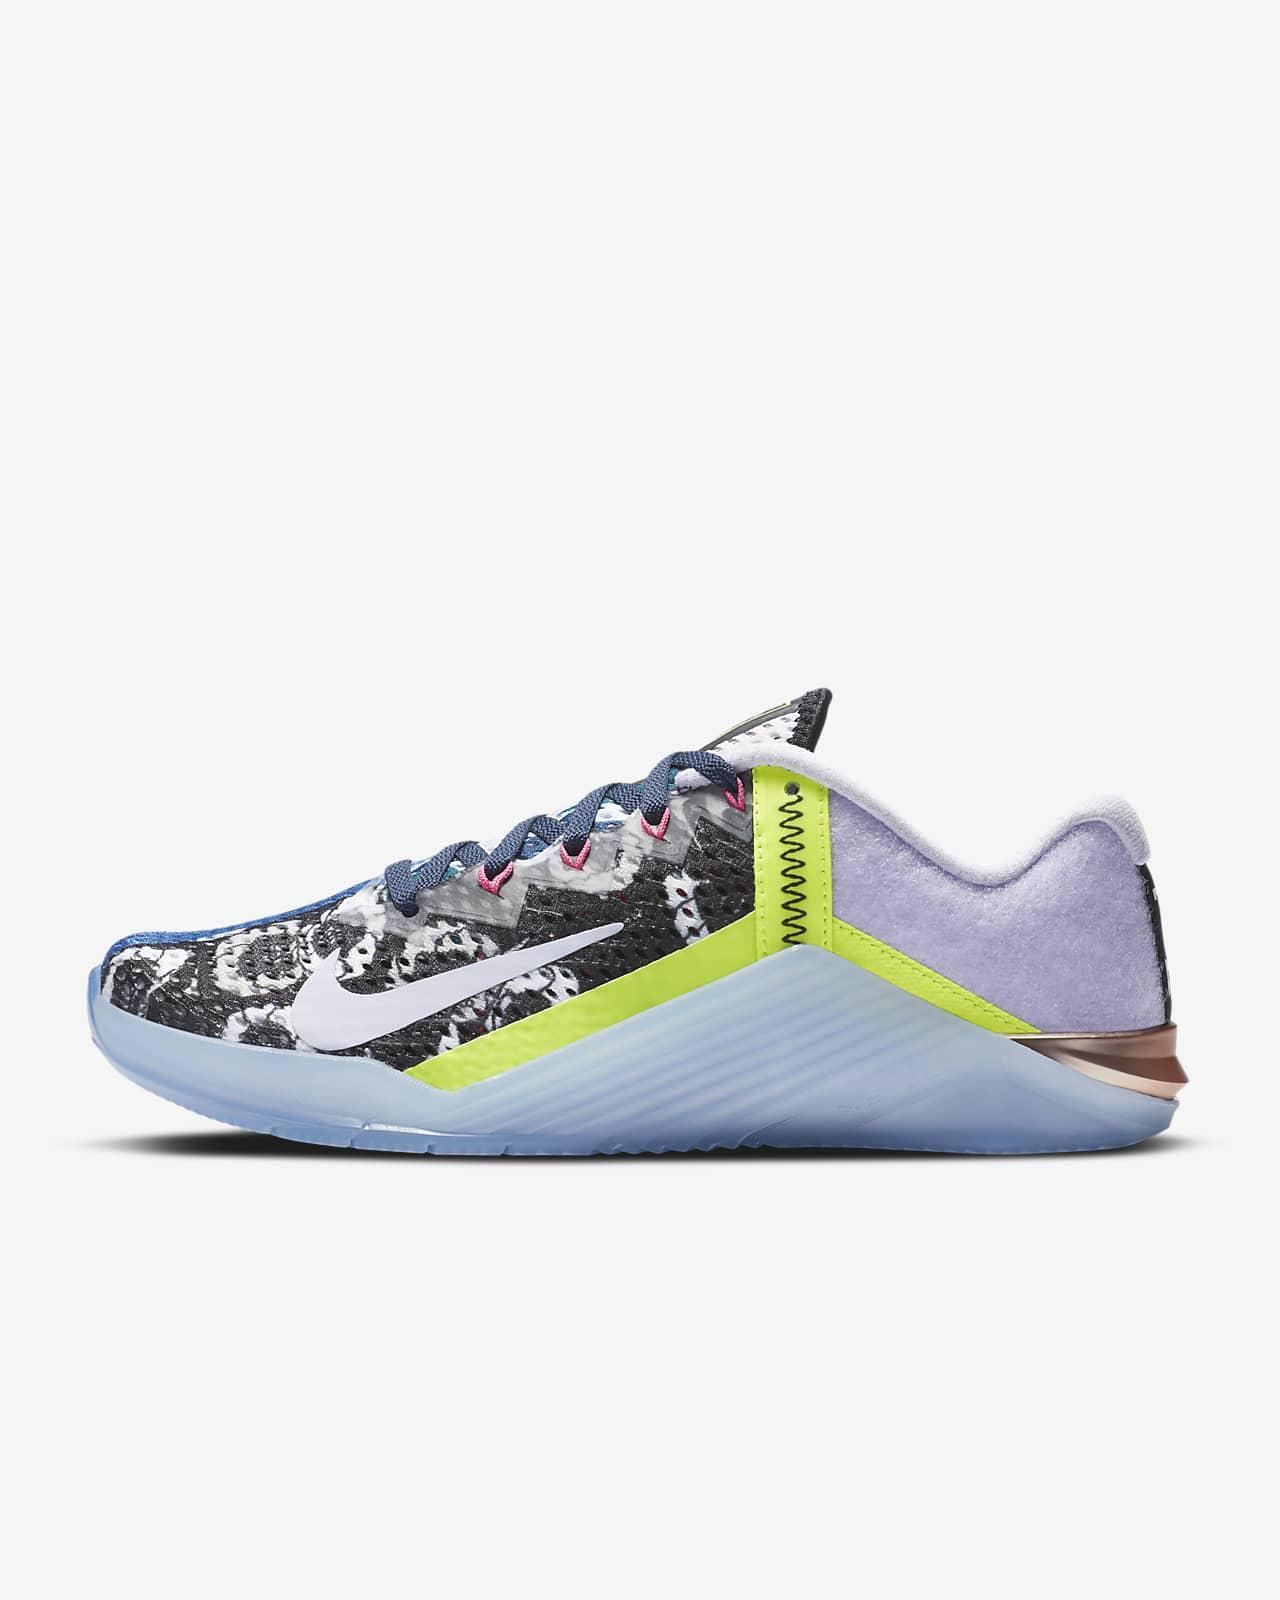 Nike Metcon 6 X Women's Training Shoe